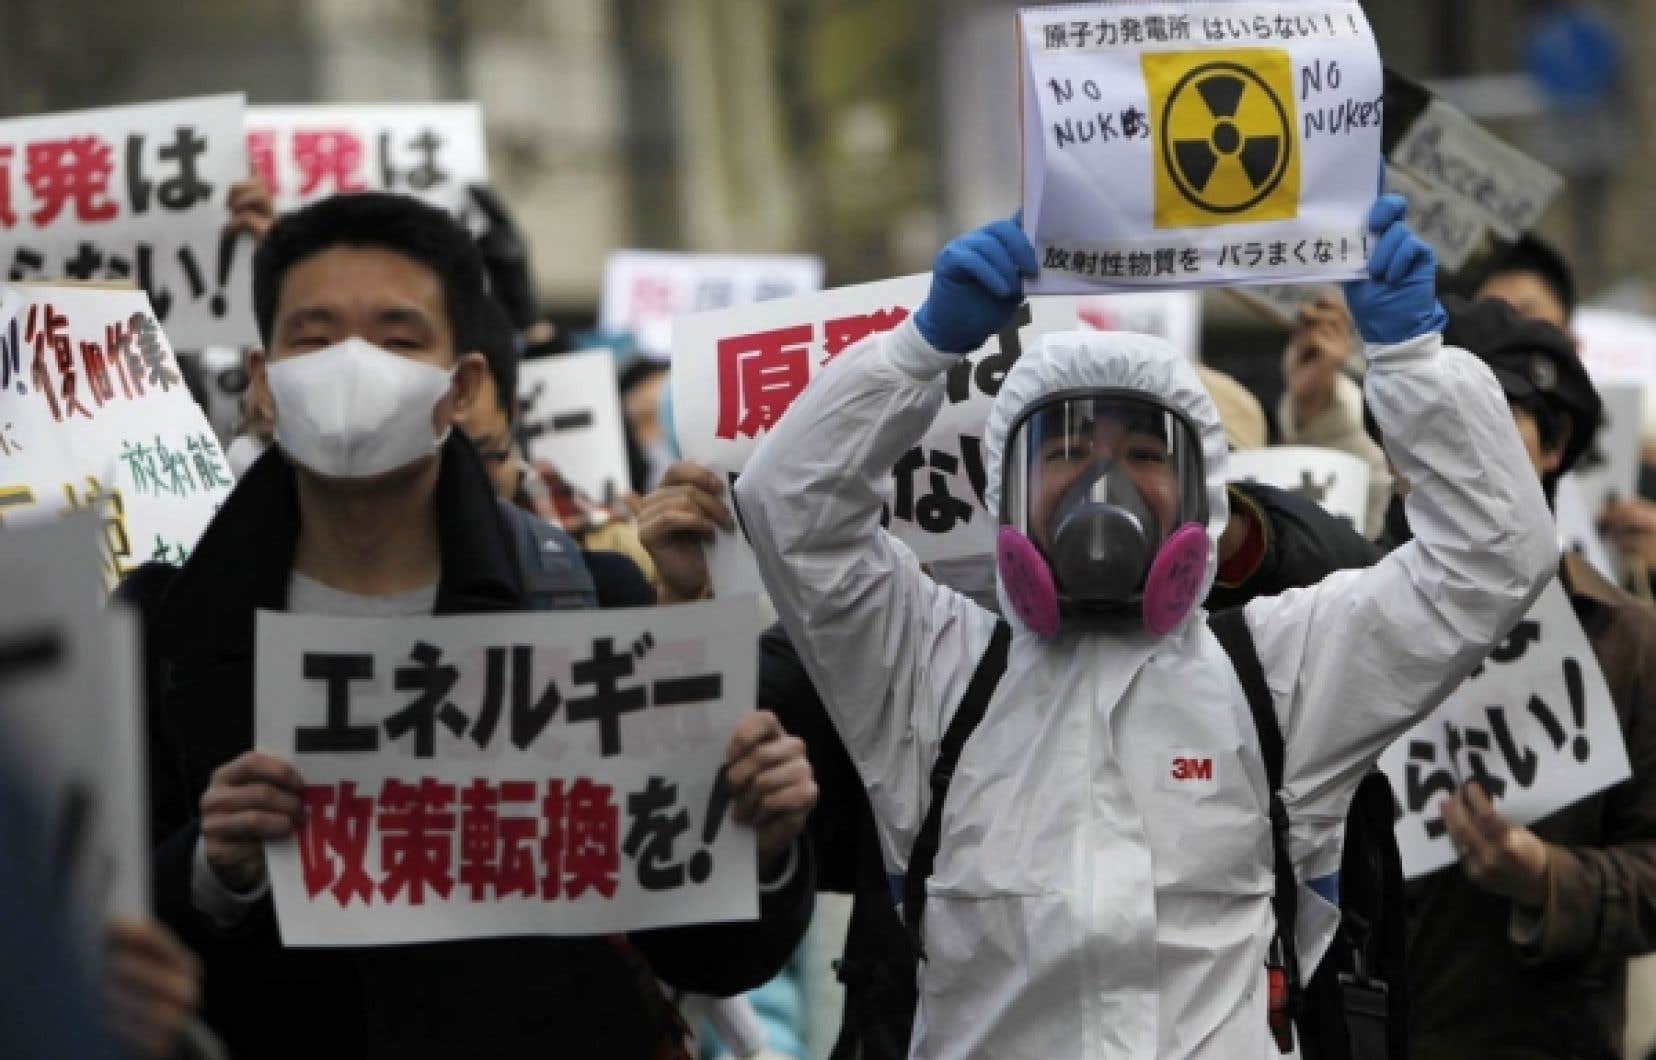 Des manifestants anti-nucléaire ont marché hier dans les rues de Tokyo, exhortant le pouvoir à changer sa politique énergétique. <br />